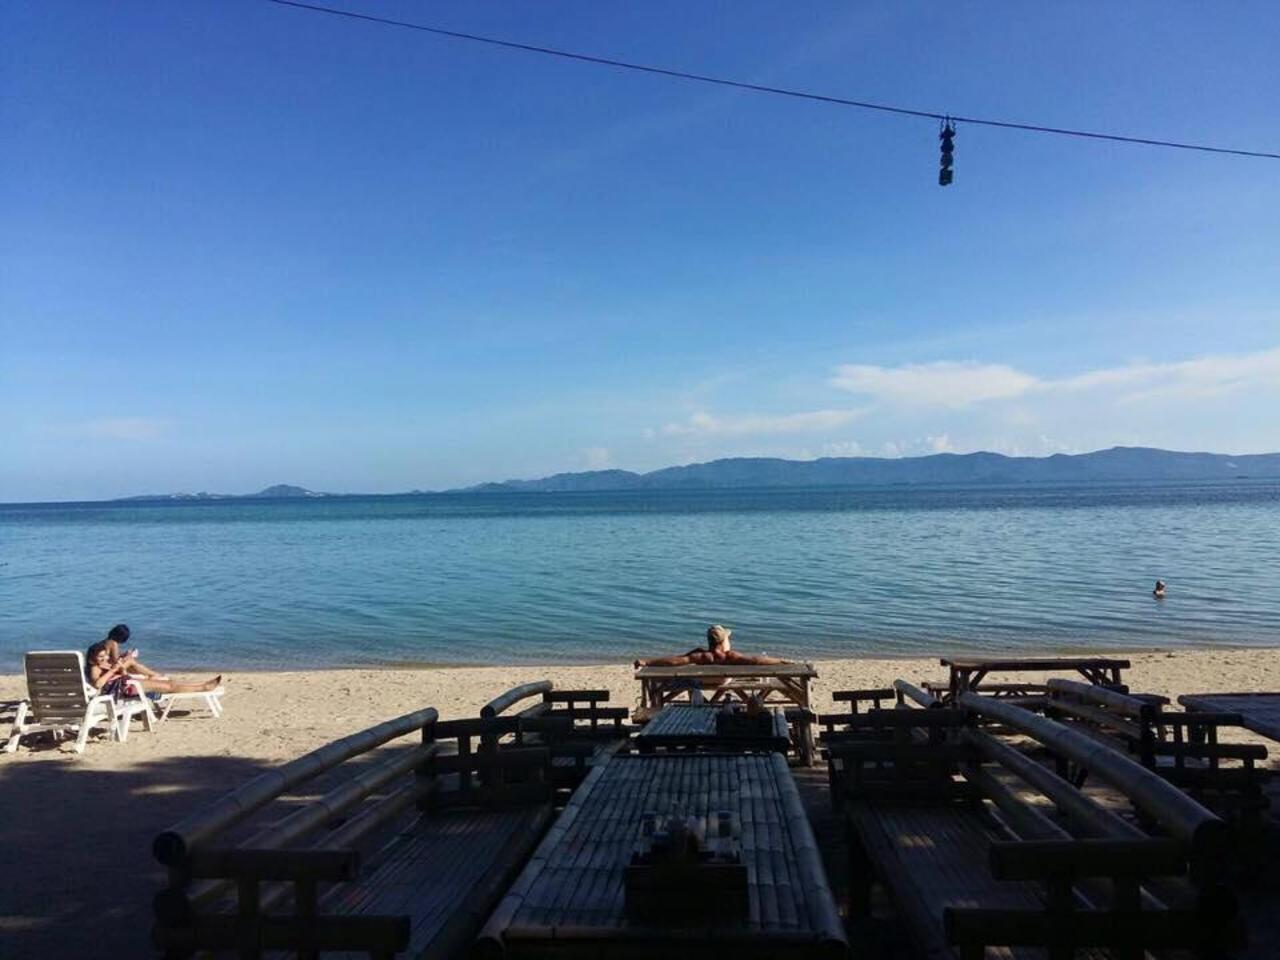 พะงัน เกรท เบย์ รีสอร์ท (Phangan Great Bay Resort)